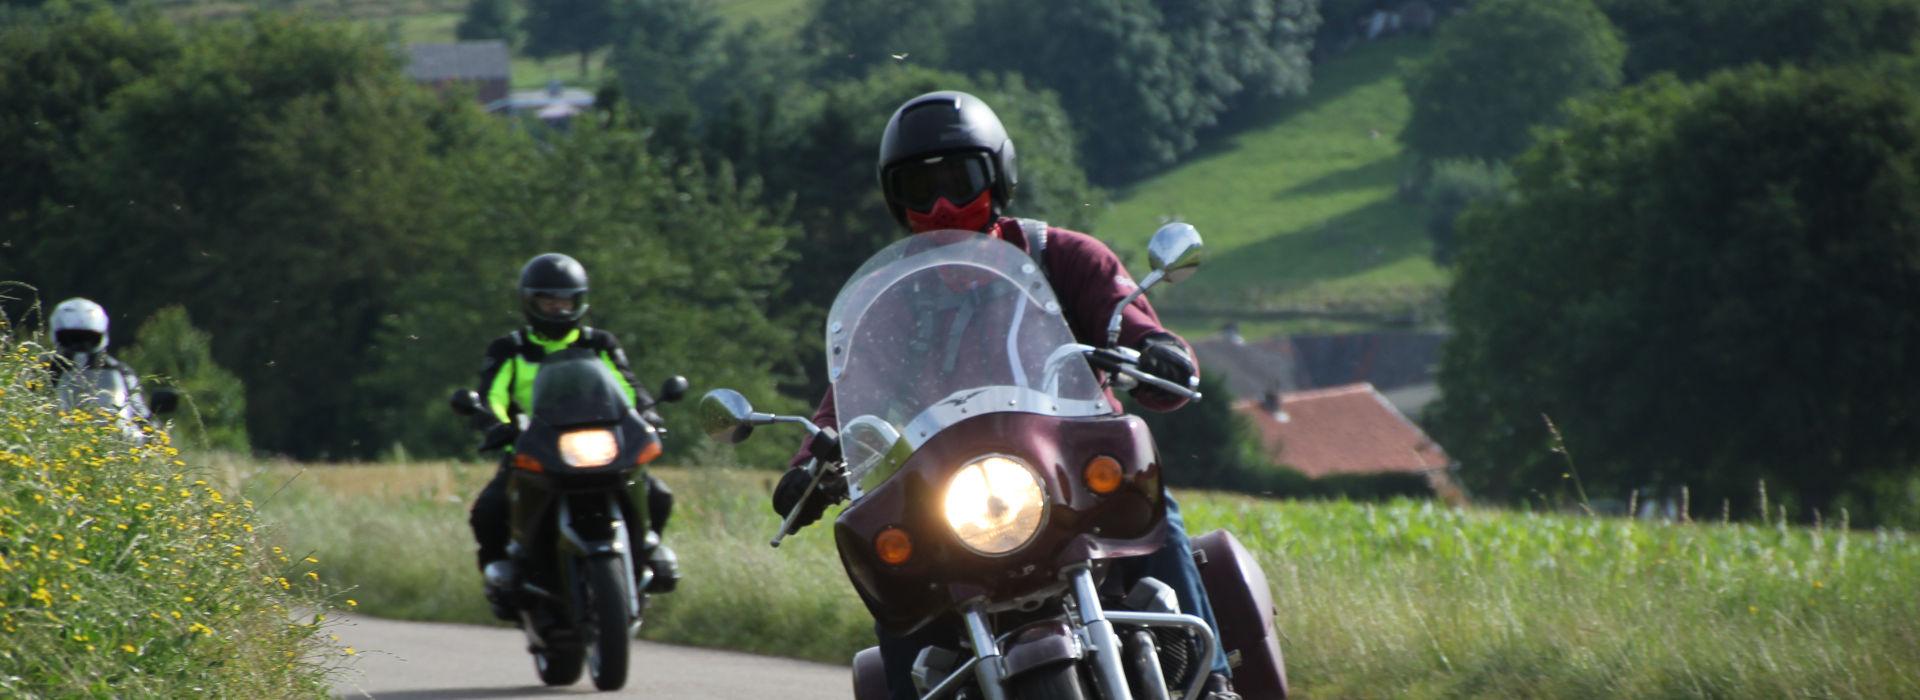 Motorrijbewijspoint Munstergeleen motorrijlessen